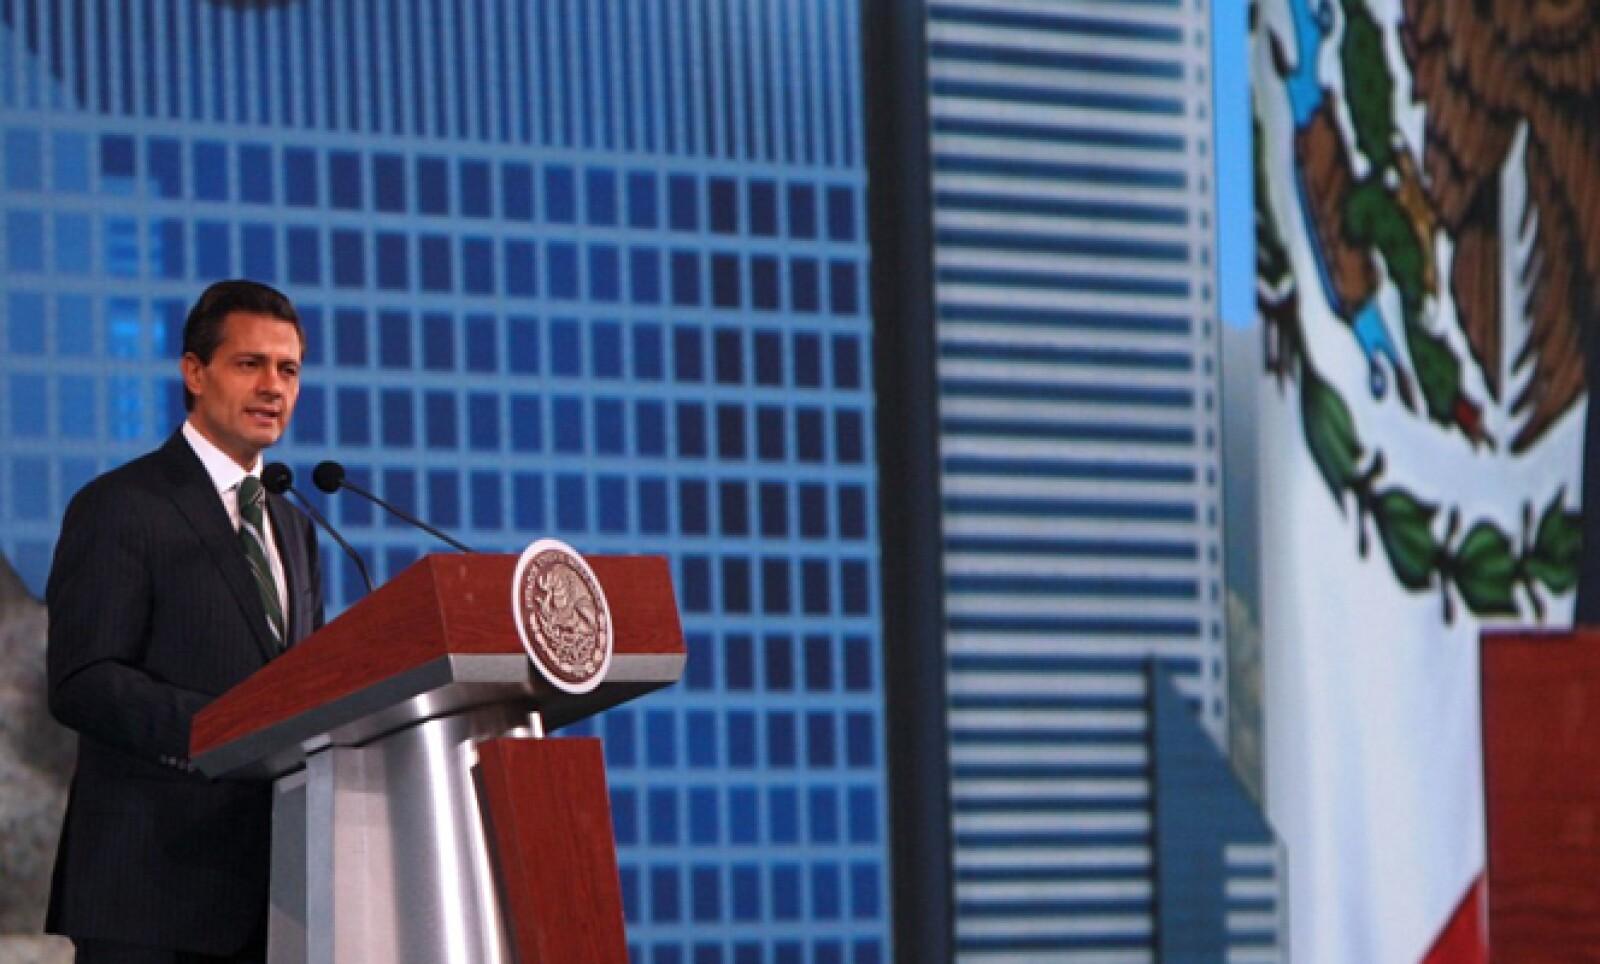 En septiembre, después de su Informe de Gobierno, Peña Nieto acudirá a Turquía (la primera visita que un mandatario mexicano realizará a ese país en 85 años de relación bilateral), y luego asistirá a la Reunión Cumbre de los Líderes del G20, en Rusia.